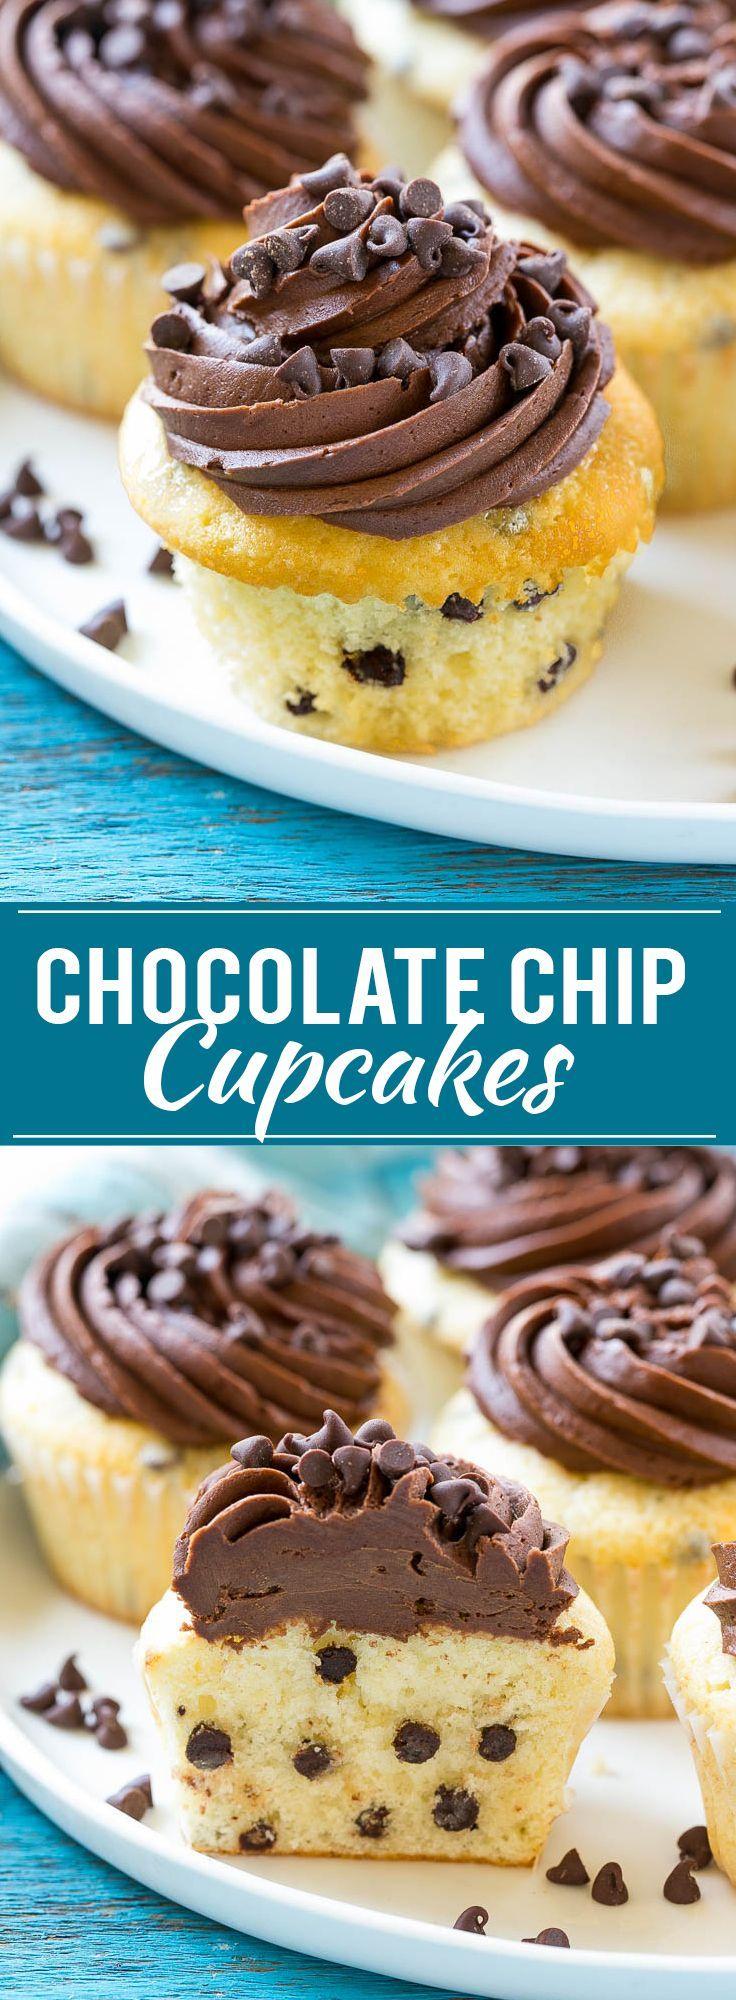 Chocolate Chip Cupcakes Recipe   Cupcake Recipe   Chocolate Chips   Chocolate Frosting   Easy Cupcake Recipe